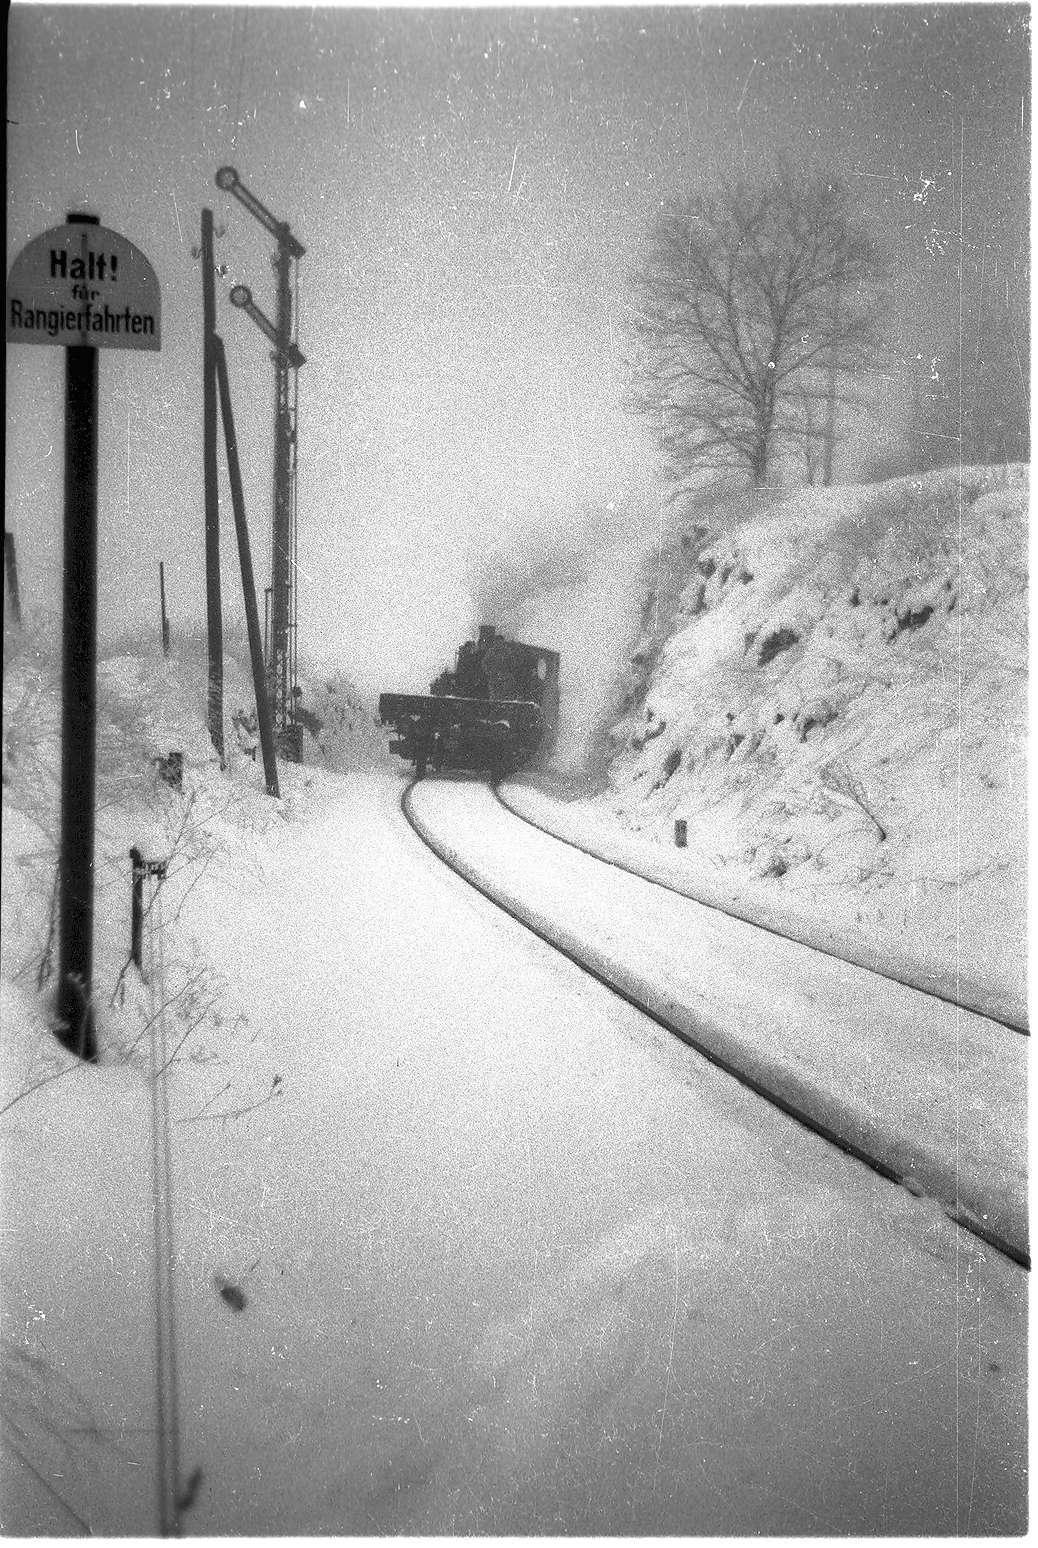 Lok 12 hat Einfahrt vom Engstinger Gleis, mechanisches Einfahrtssignal, Bild 1